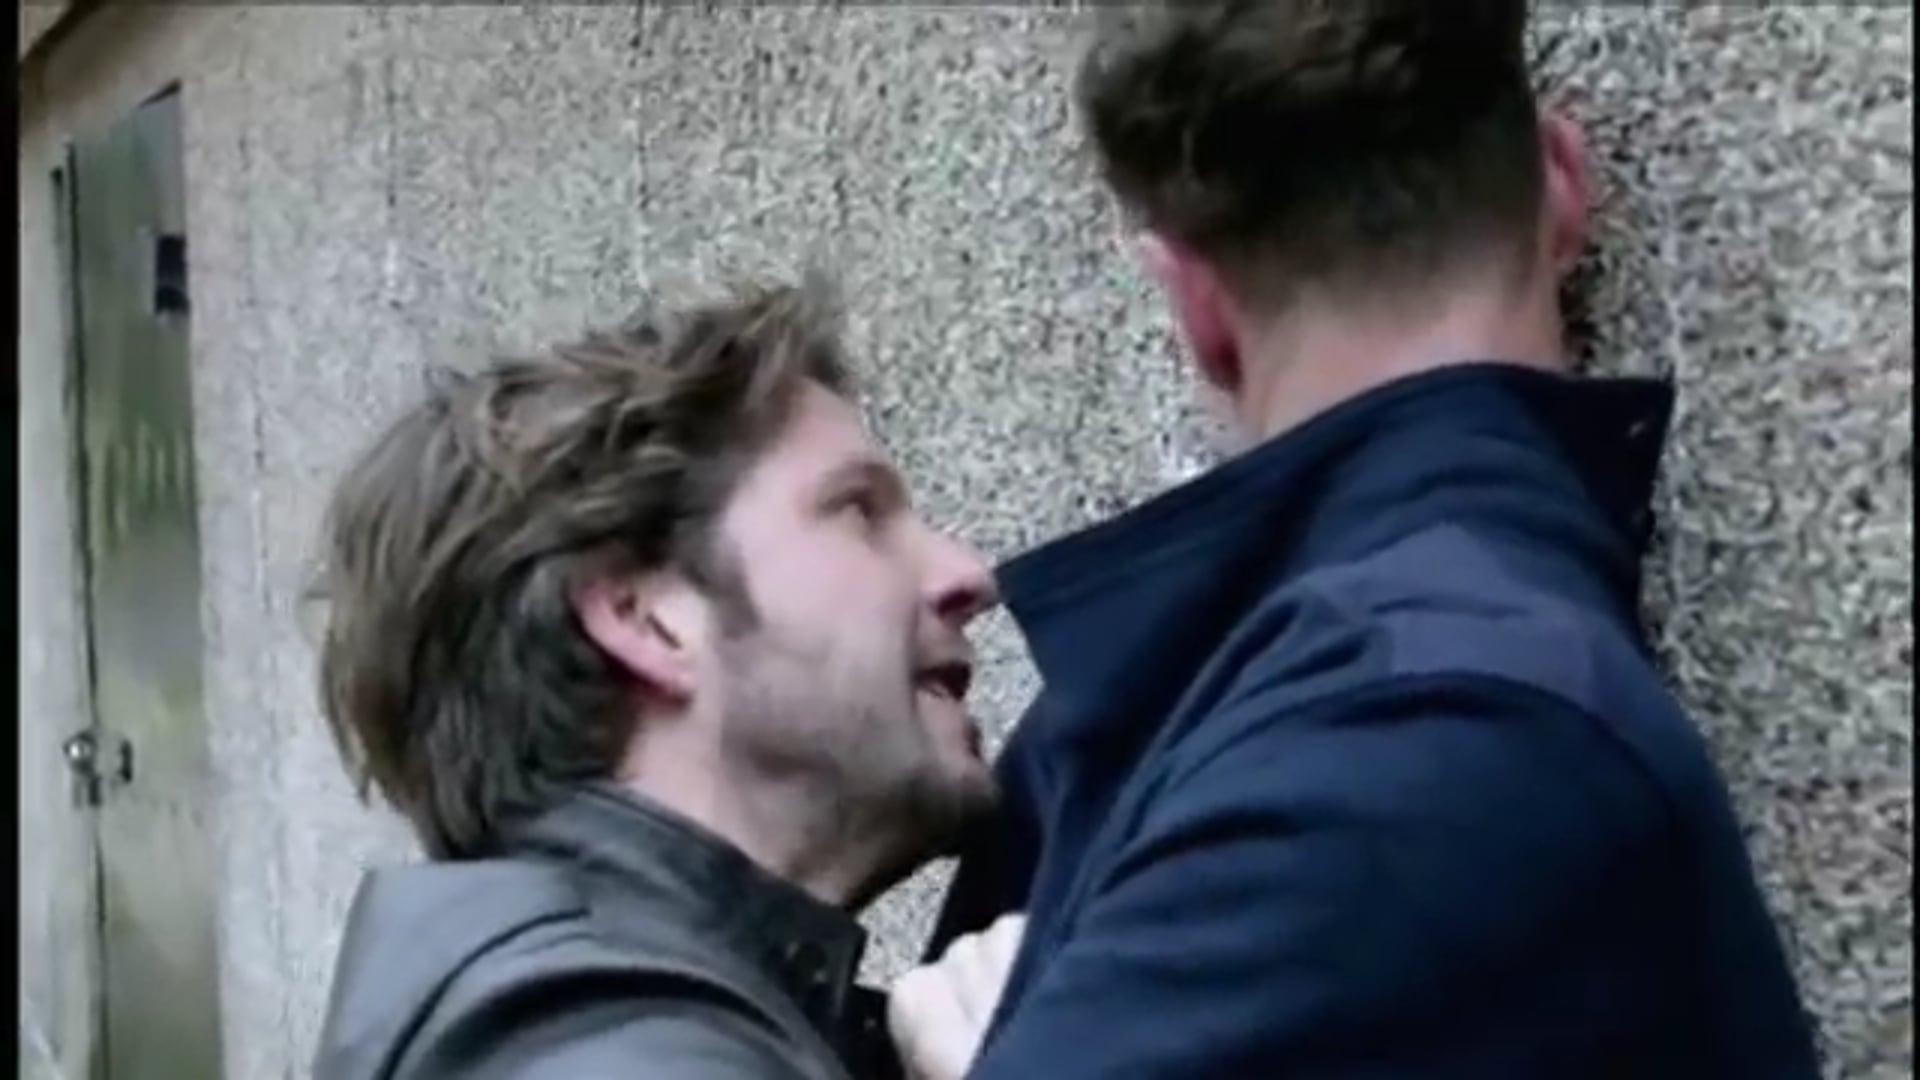 Suspects Series 2 Trailer